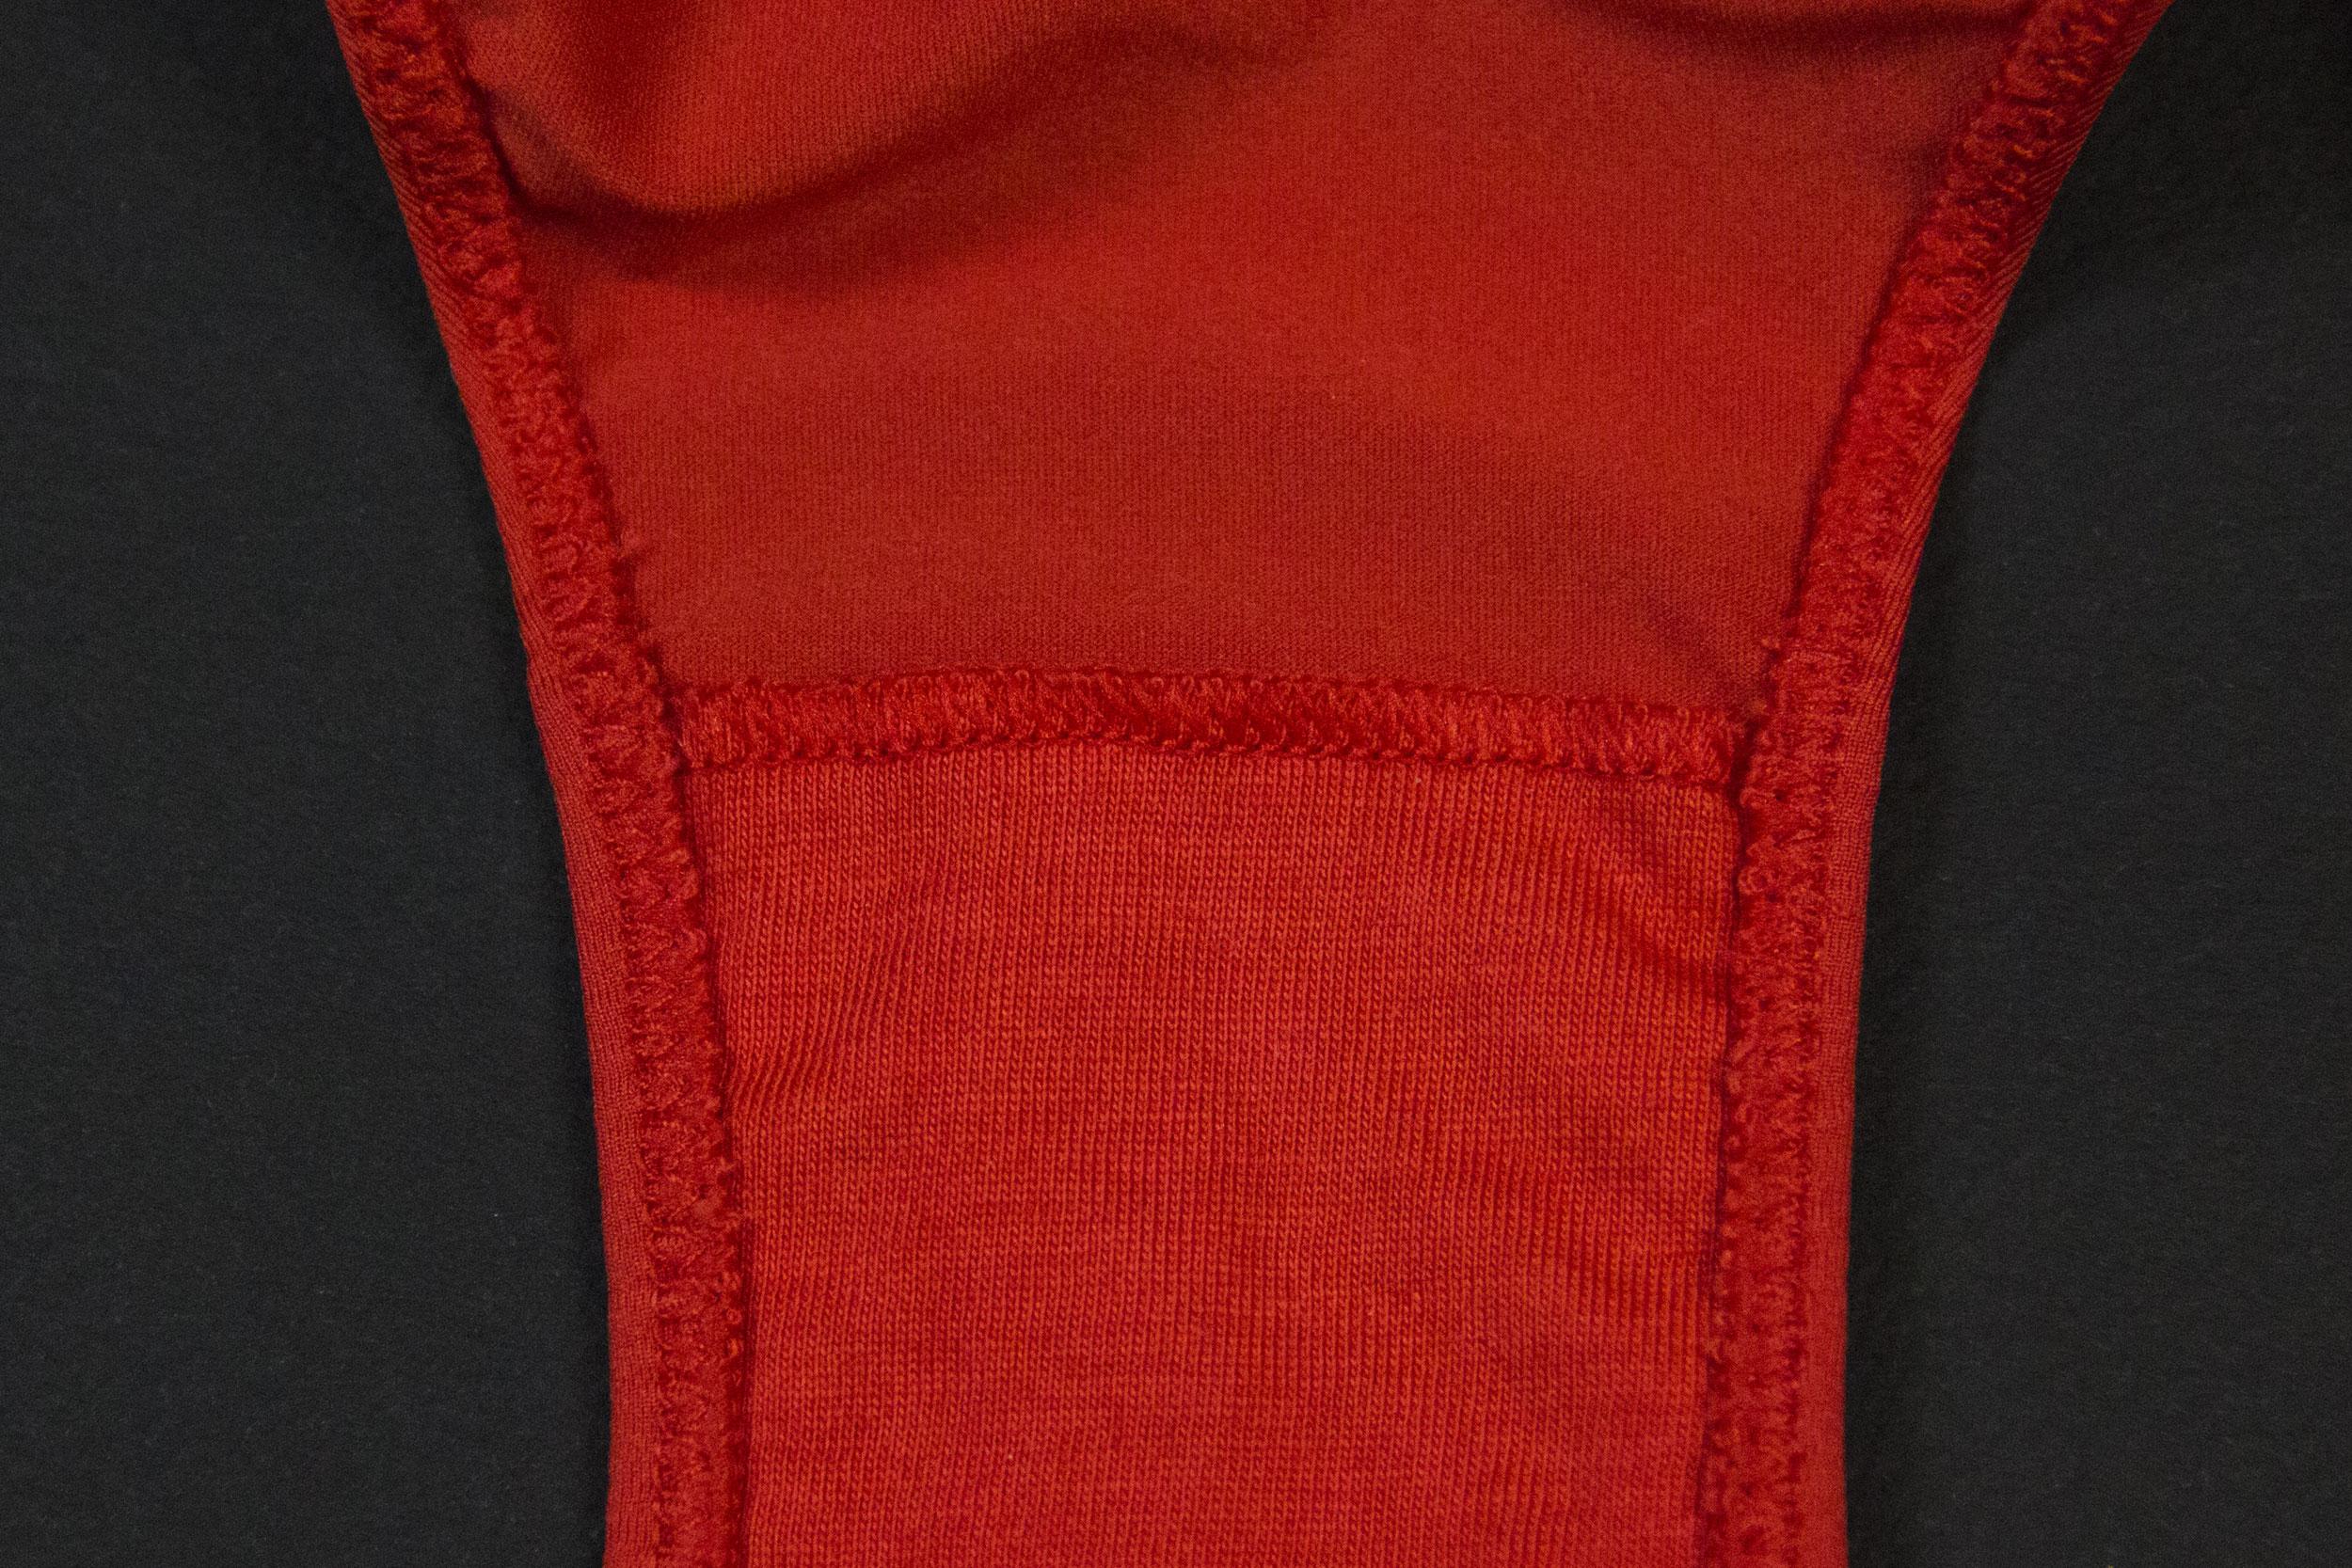 Обзор нижнего белья Yse Paris на garterblog.ru. Все права защищены